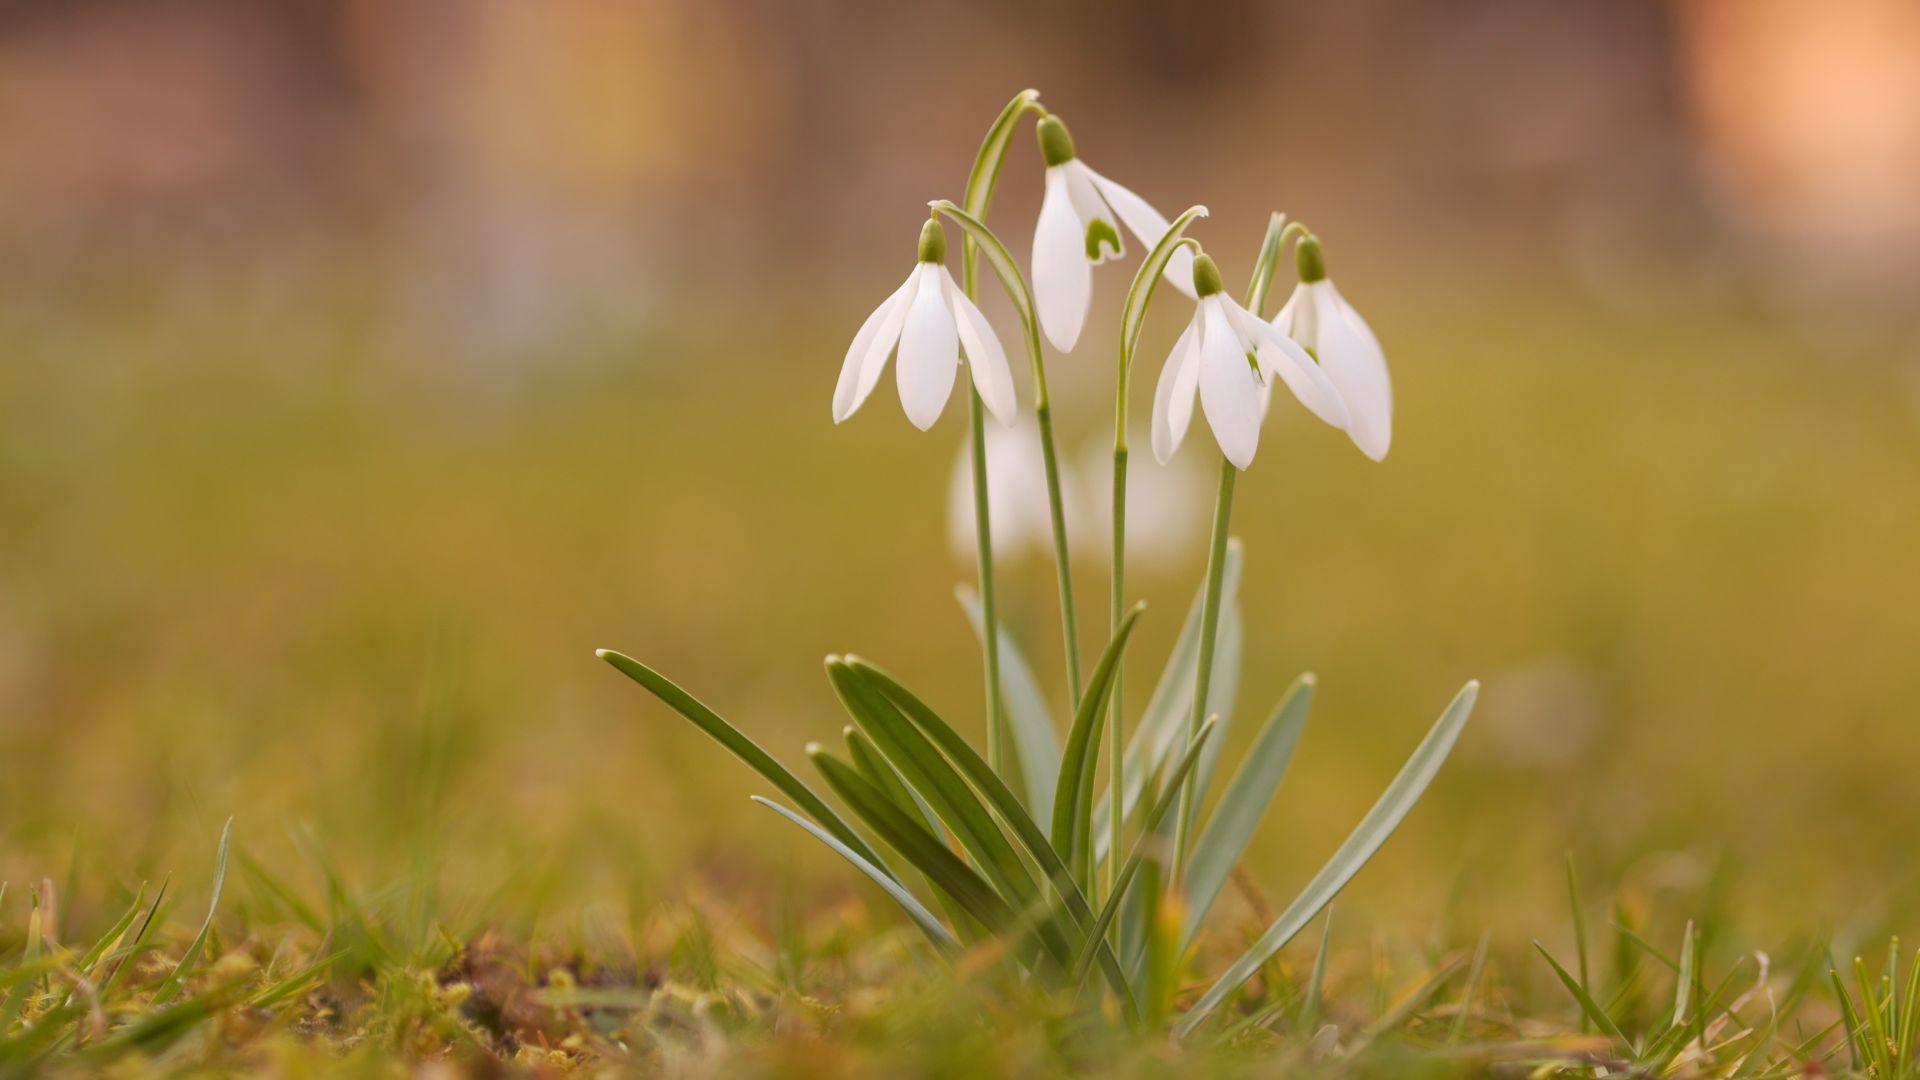 Snowdrop plants, spring, white flower, grass